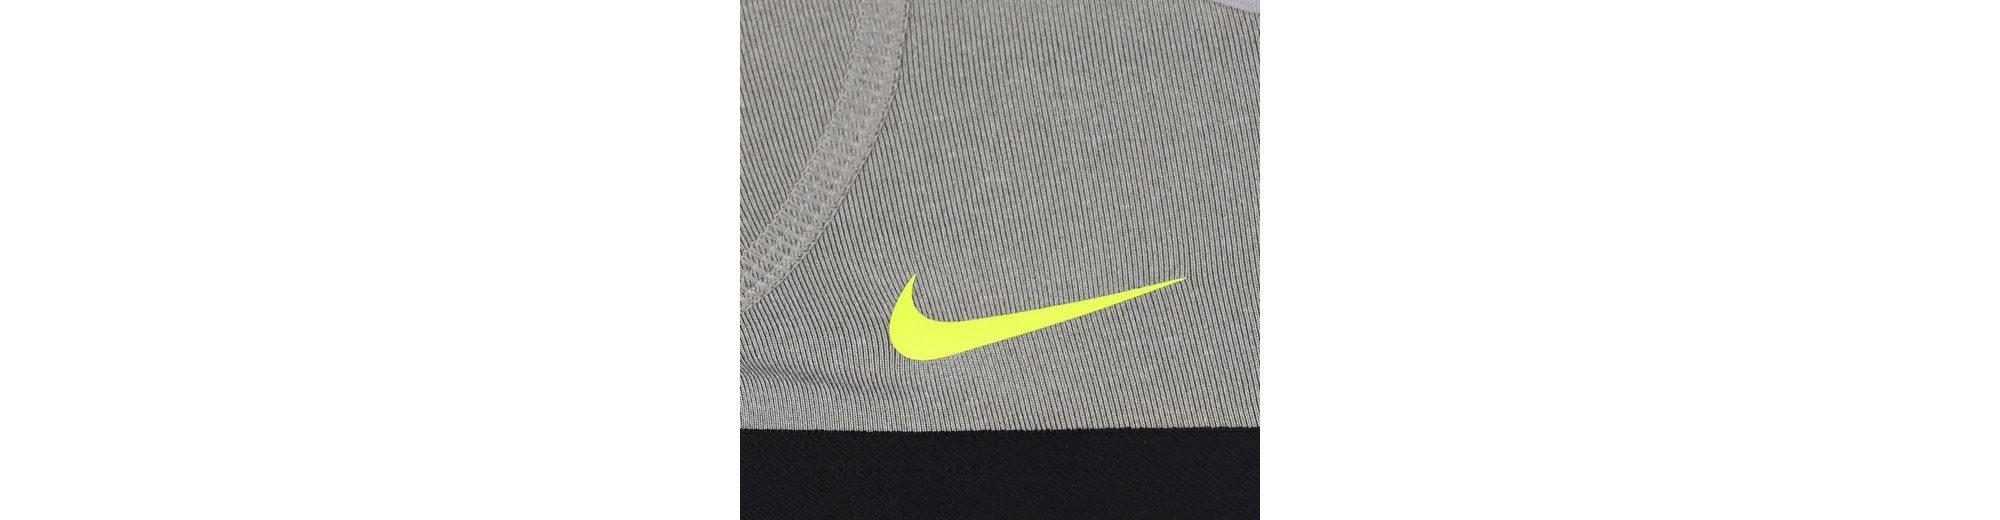 Nike Pro Fierce Sport-BH Damen Spielraum Versorgung Günstig Kaufen Sneakernews hmpyj1s